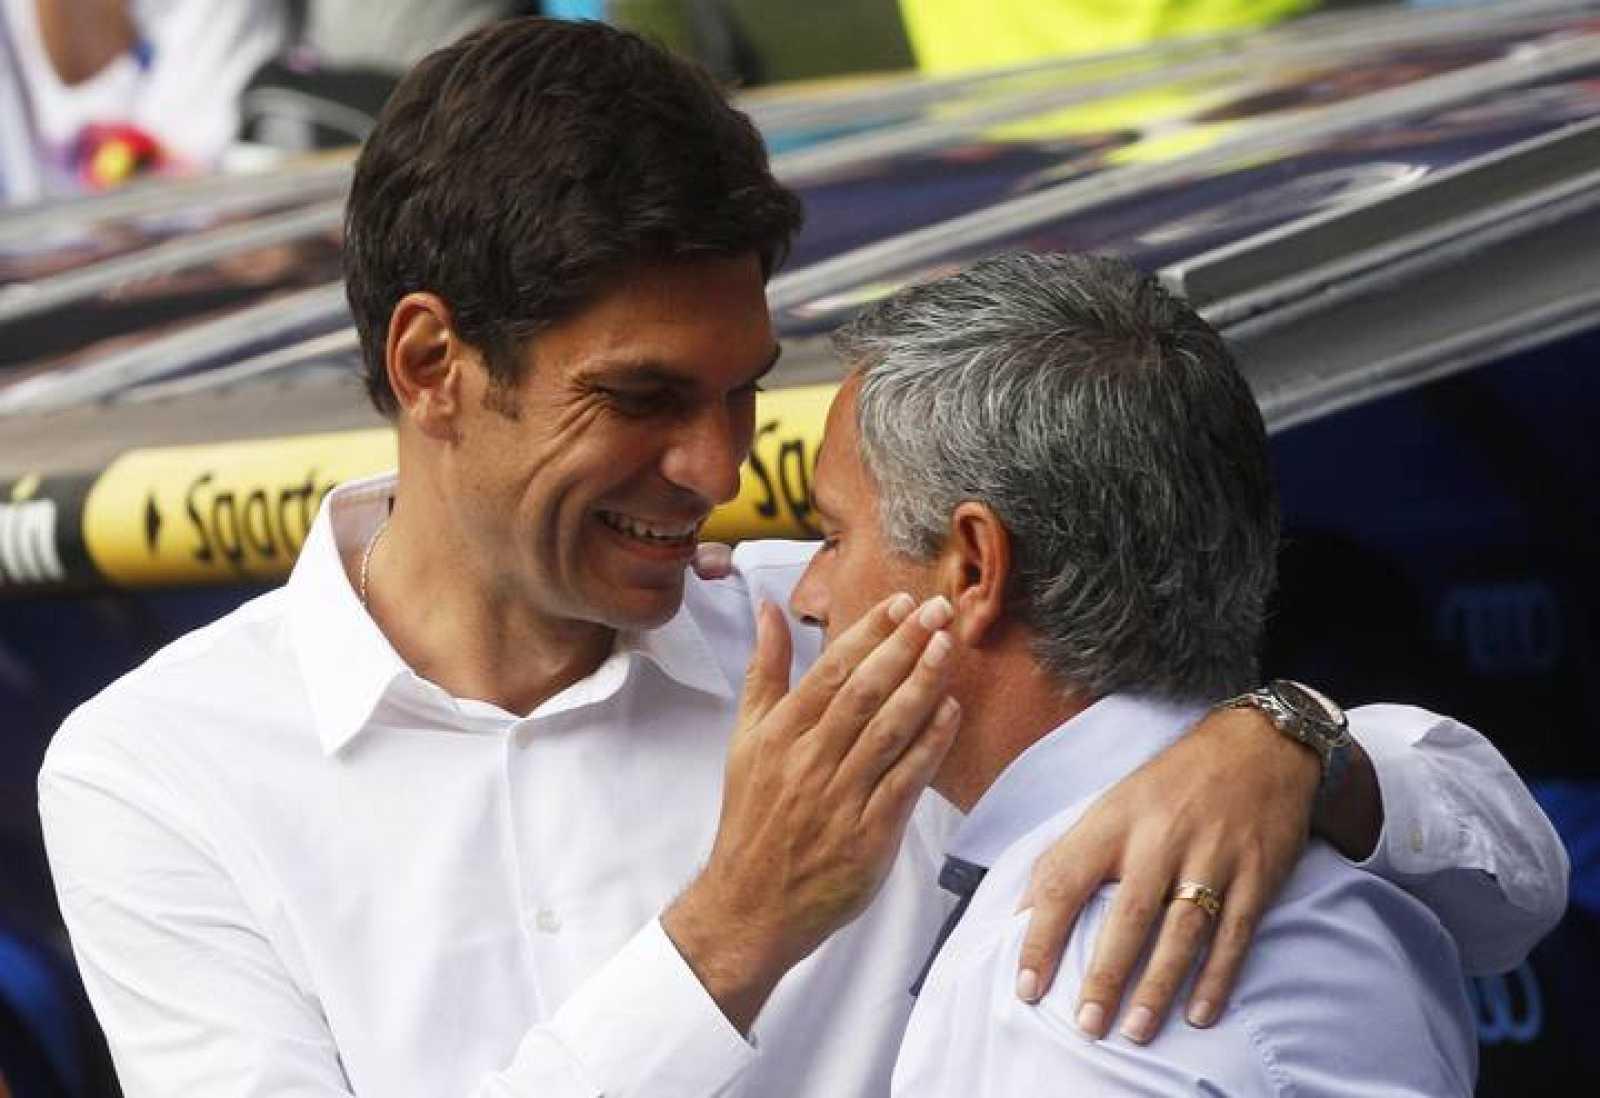 Pellegrino y Mourinho se saludan antes del inicio del partido Real Madrid - Valencia CF